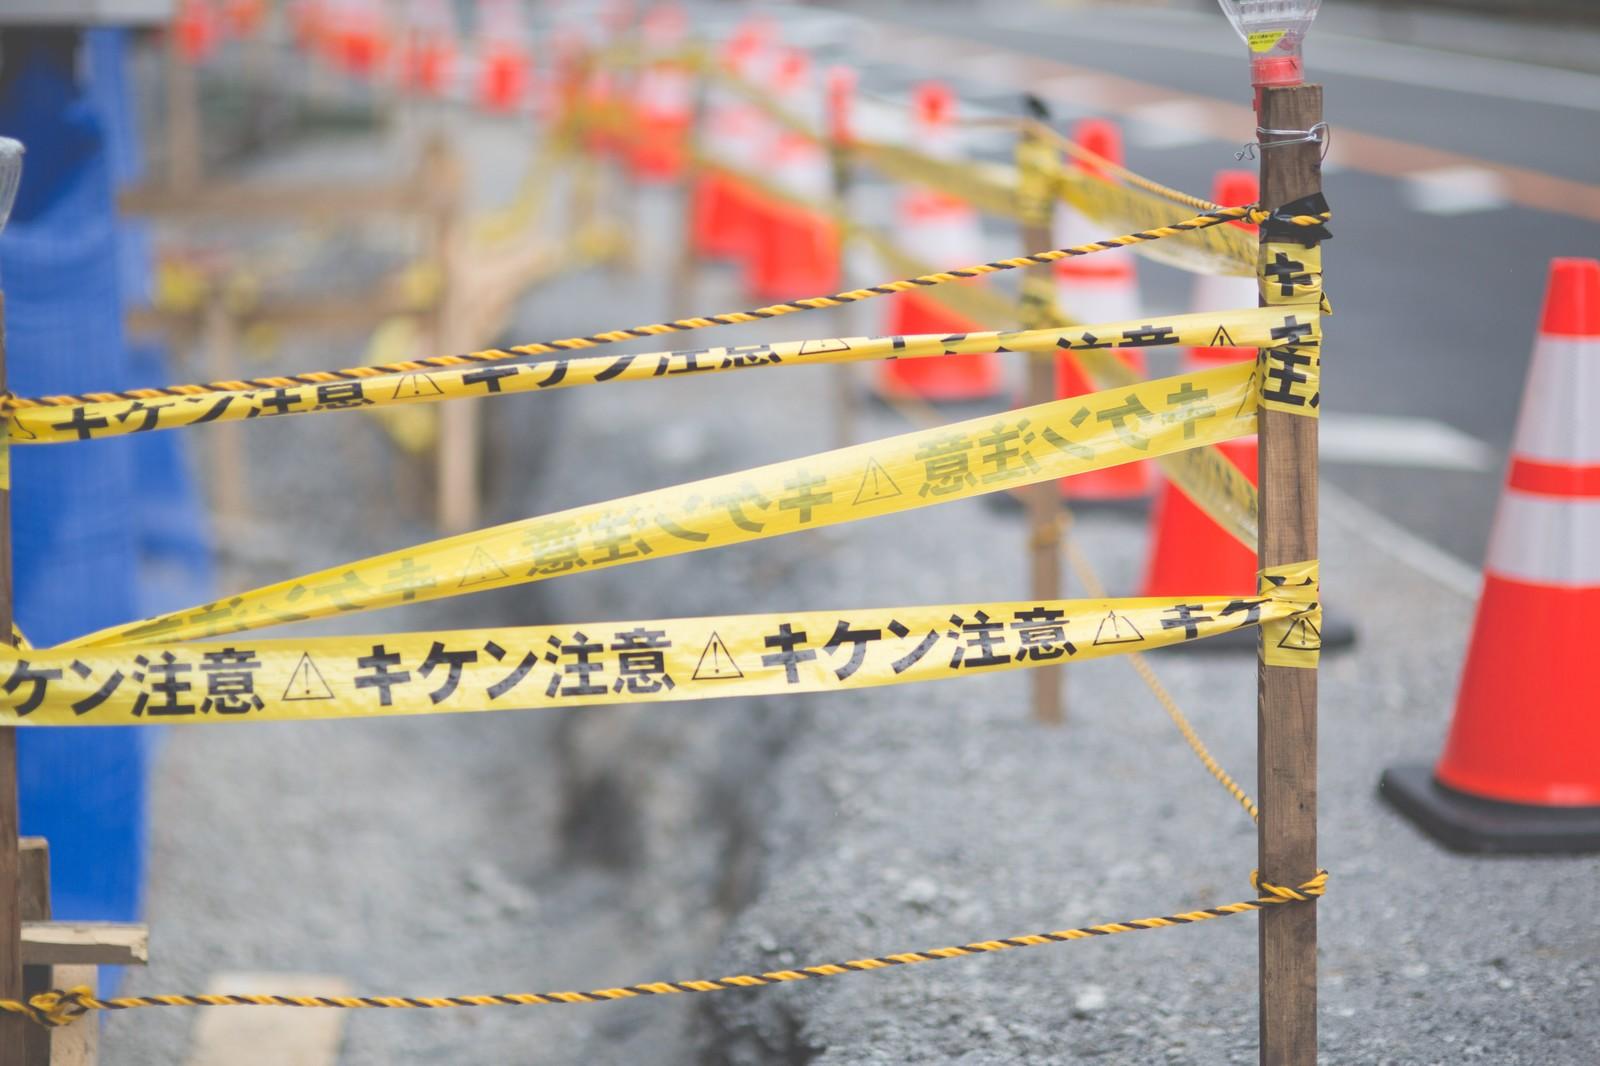 これでもかってくらい危険な場所を示す黄色いテープが張られている危険地帯